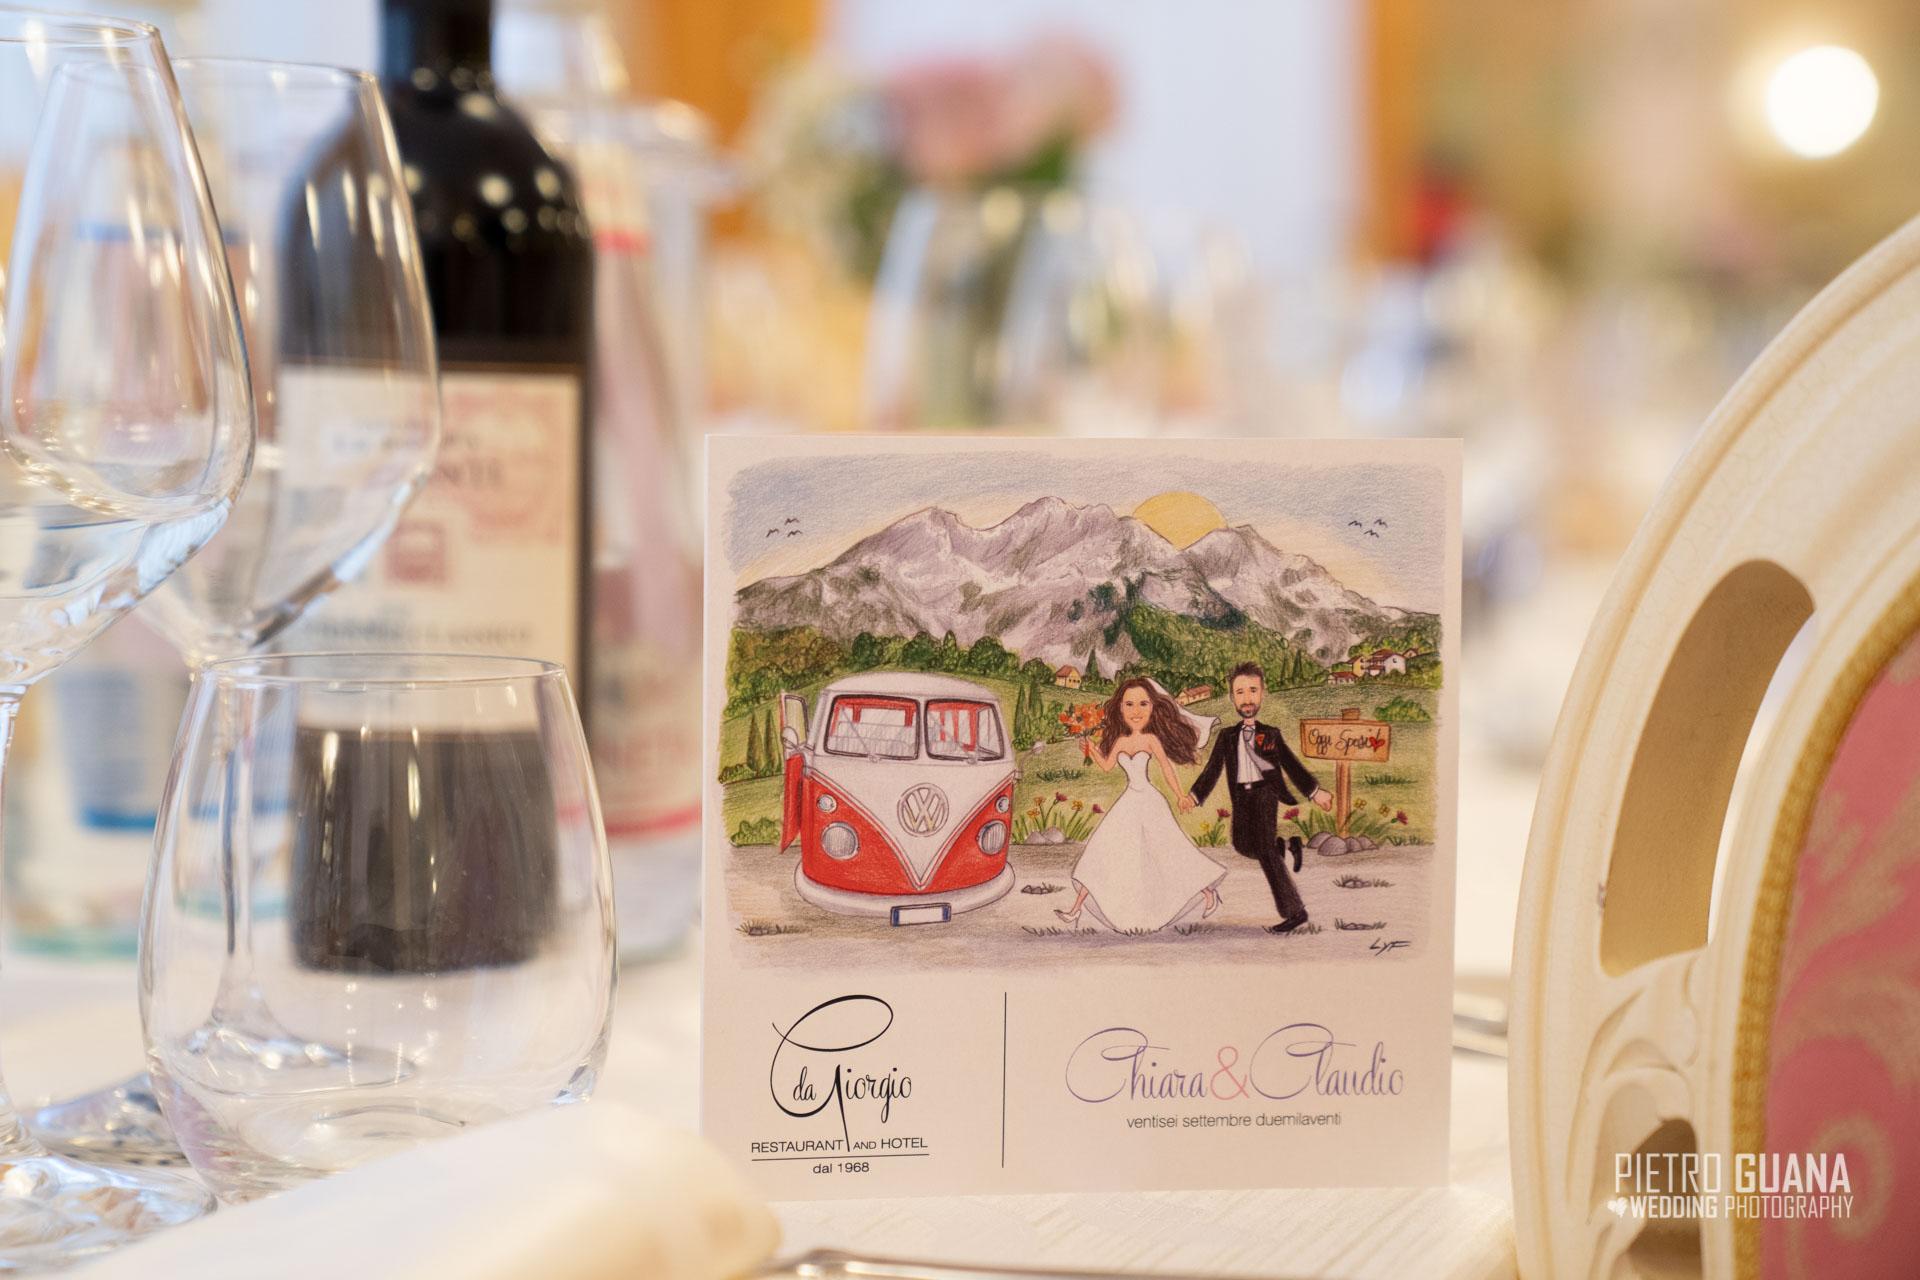 Matrimonio Ristorante da Giorgio Ardesio Chiara e Claudio Pietro Guana Fotografo